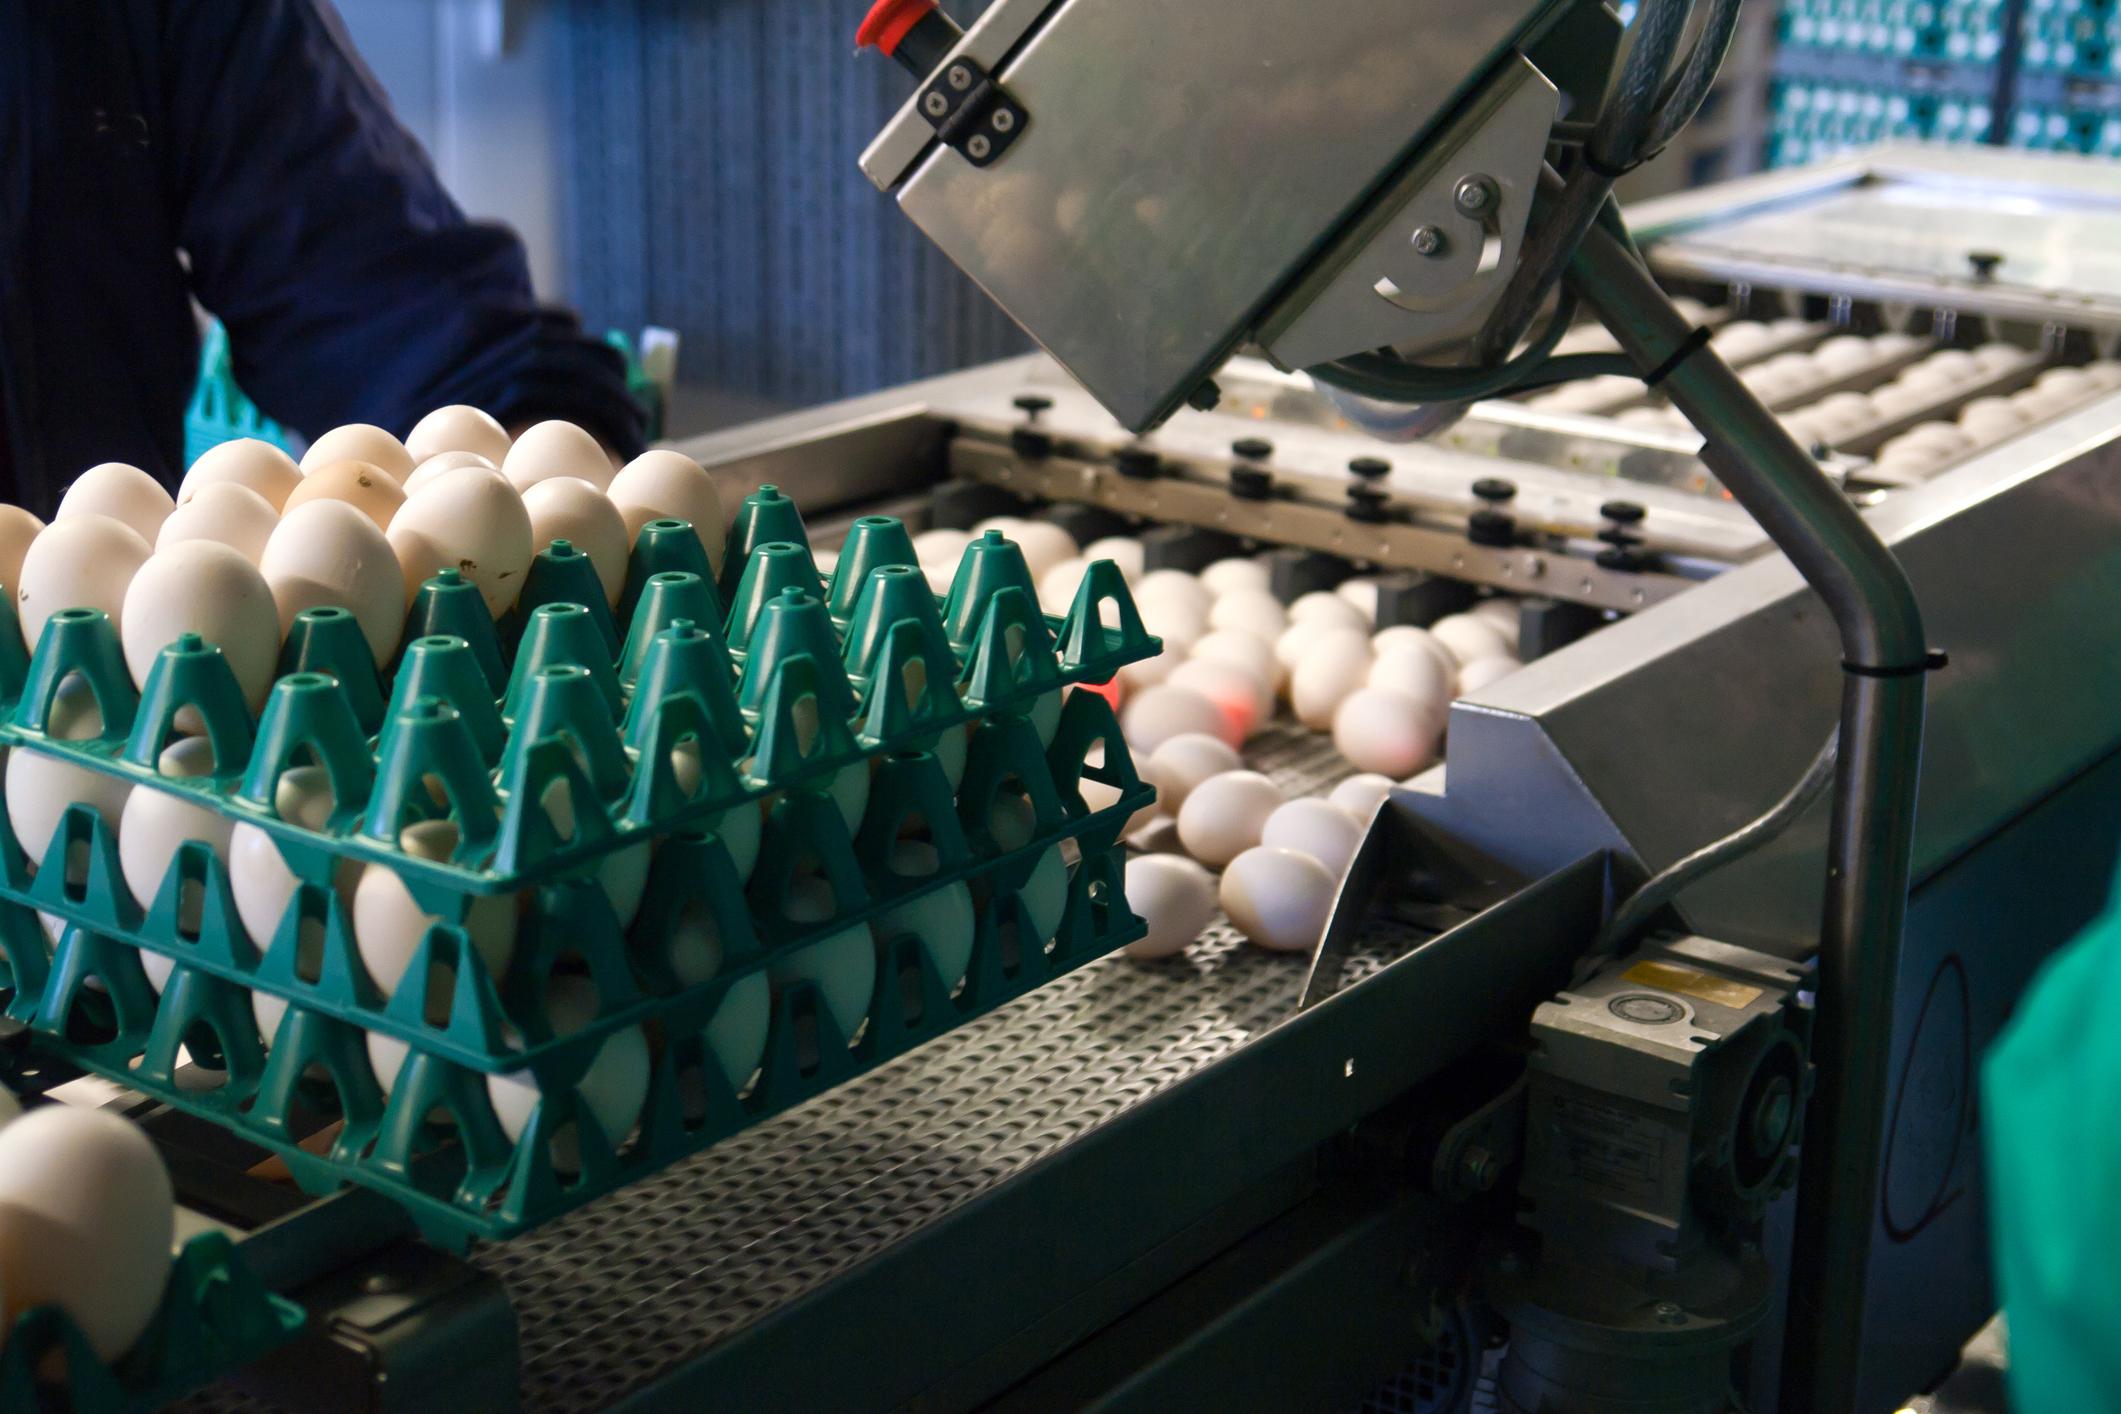 Impressão na casca de ovos